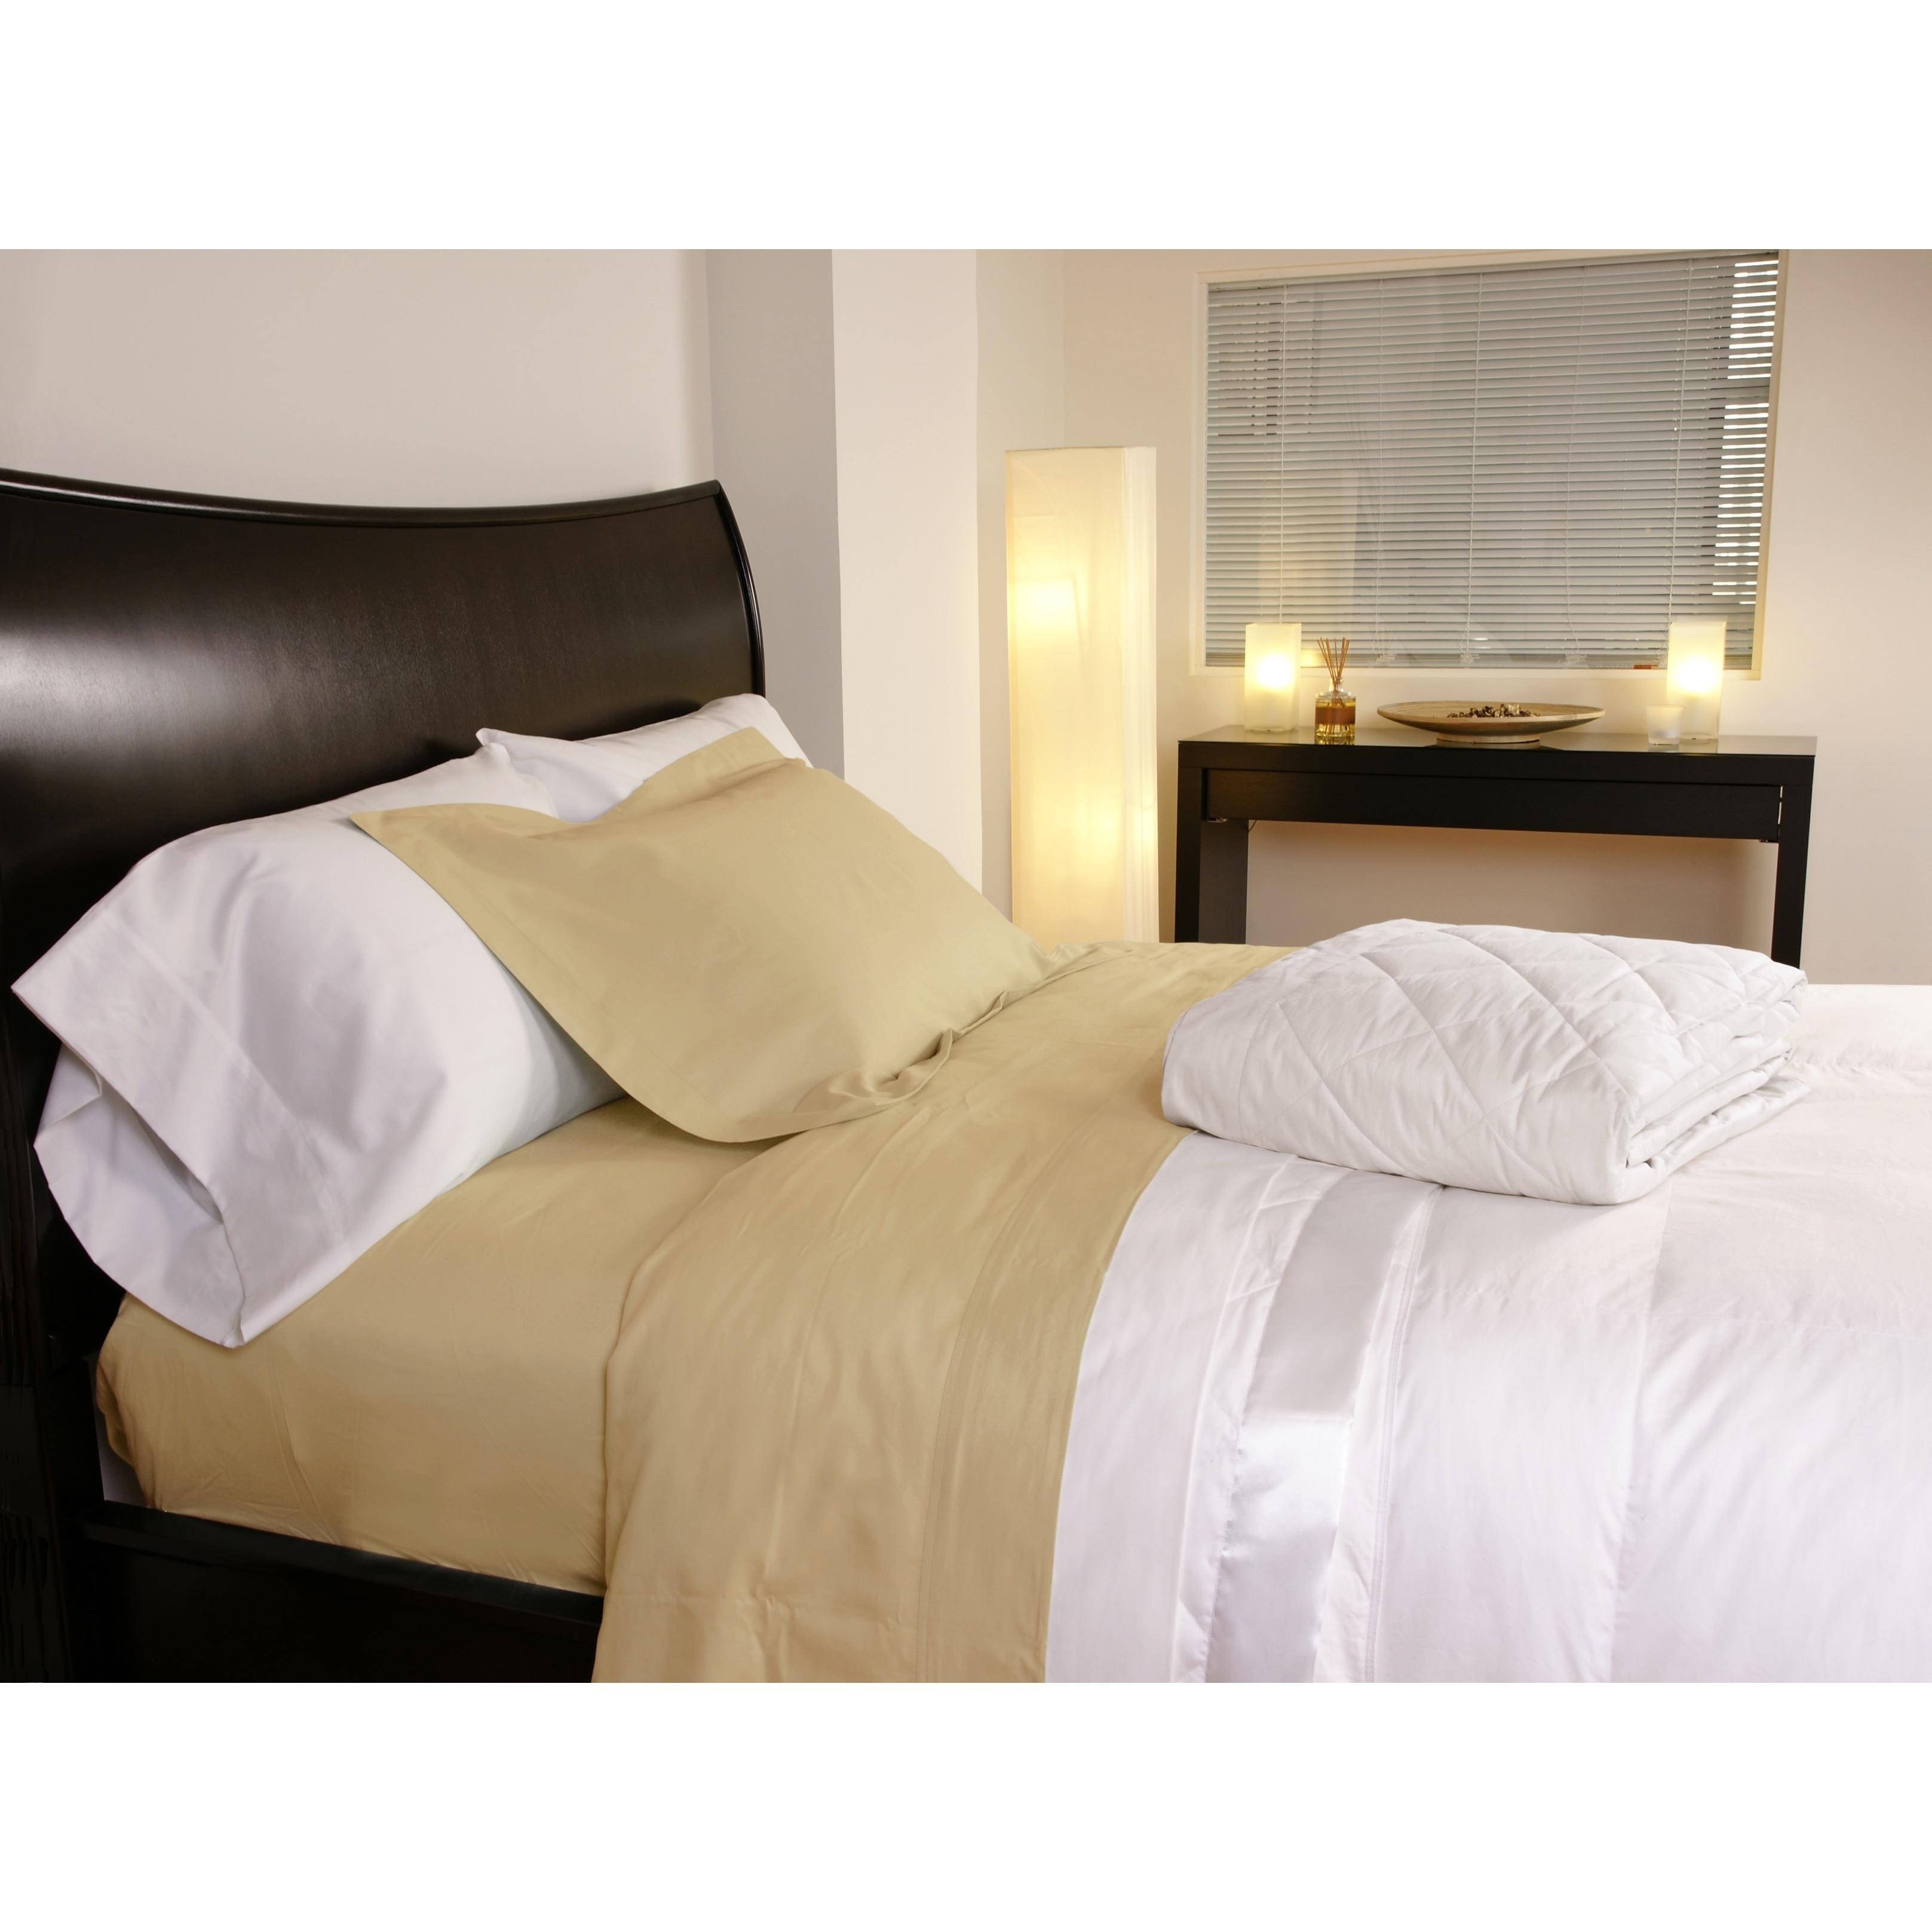 hot amaze sheets for wayfair count sleeper set welspun sleepers sheet bath bed thread cotton best pdx reviews